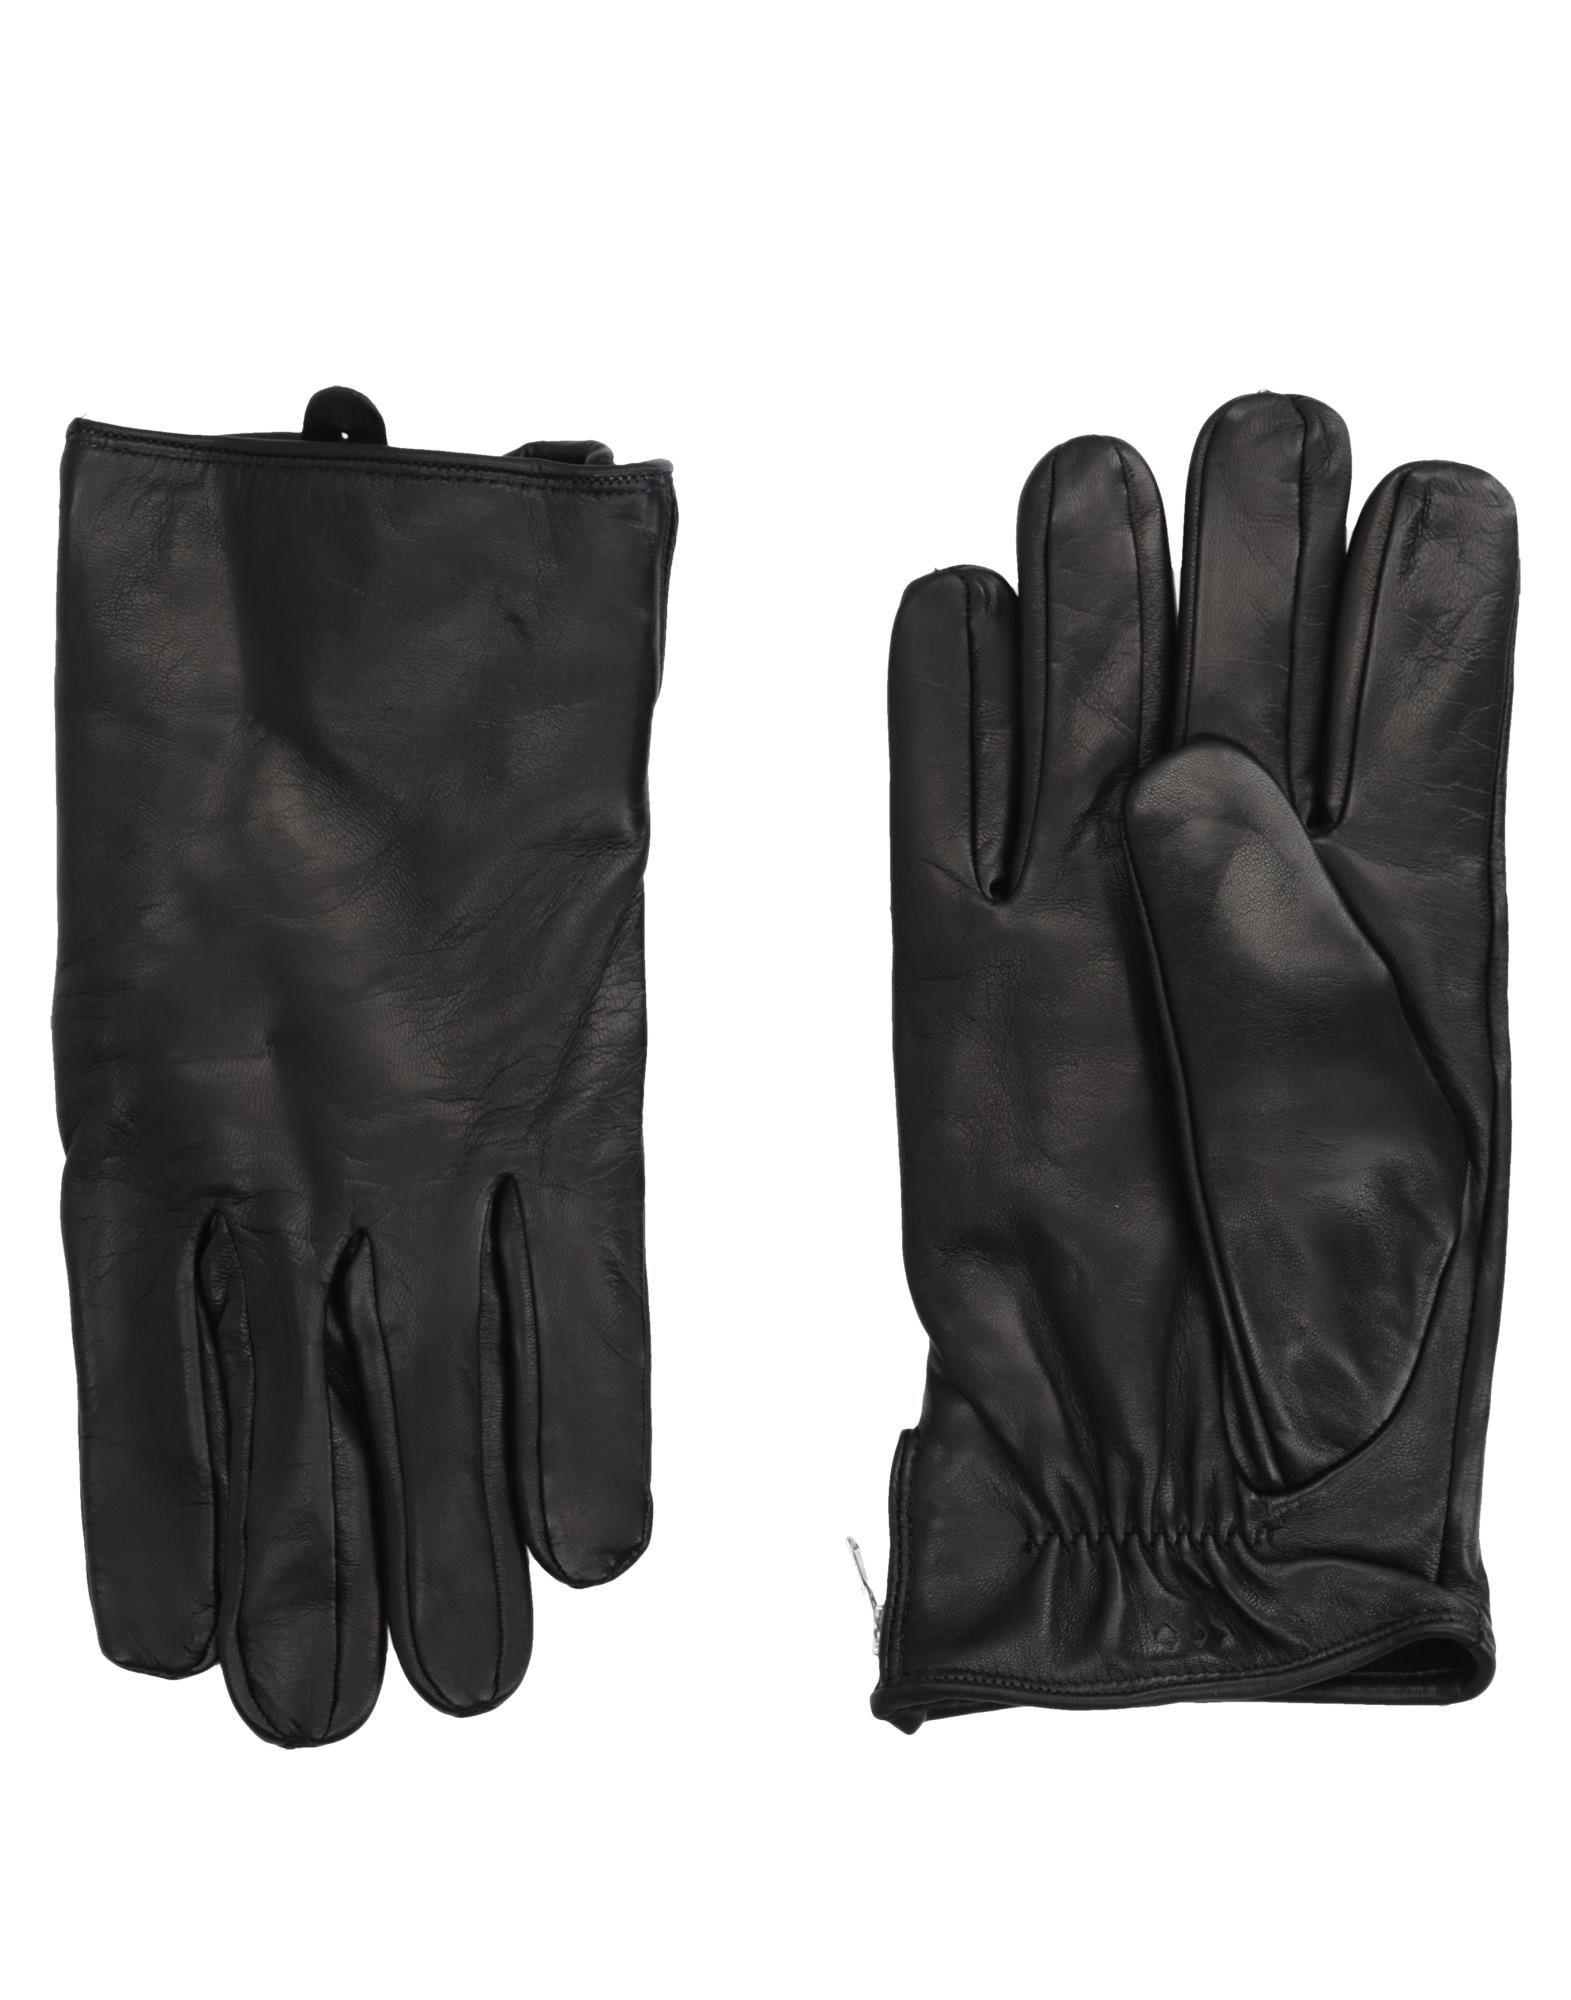 《送料無料》ROYAL REPUBLIQ メンズ 手袋 ブラック 9 革